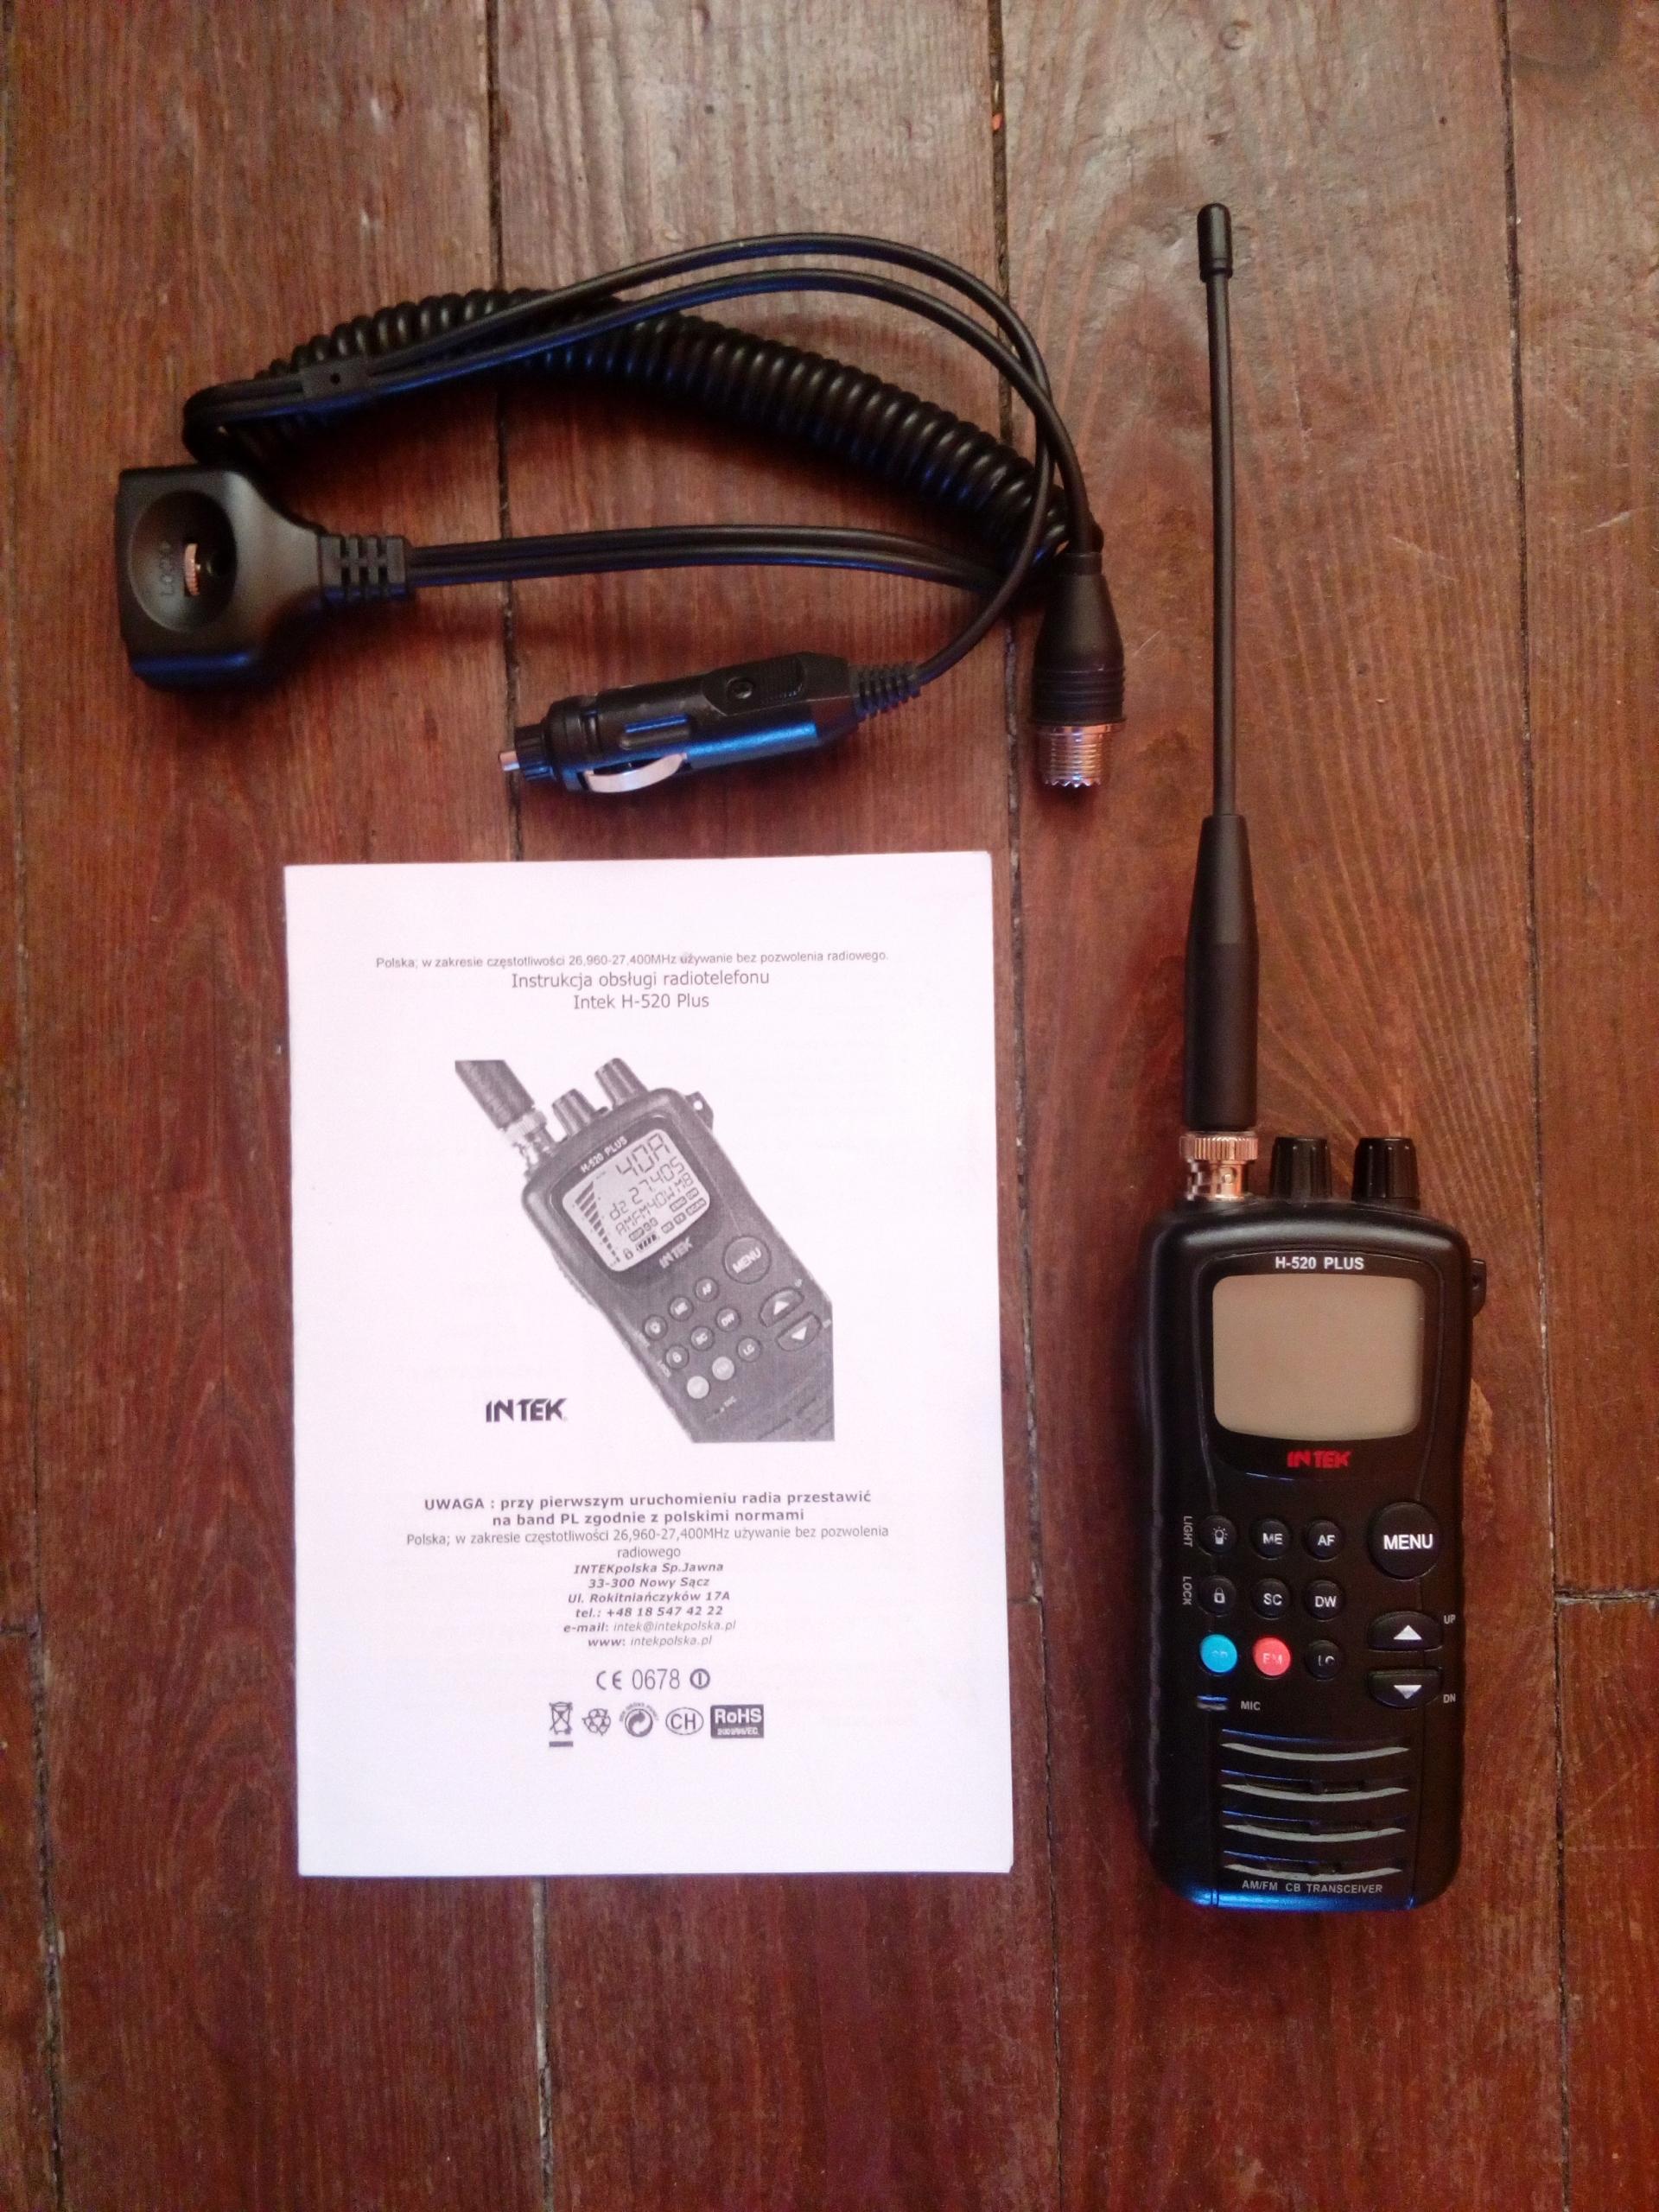 Krótkofalówka Intek H-520 H 520 Plus 2w1 CB radio